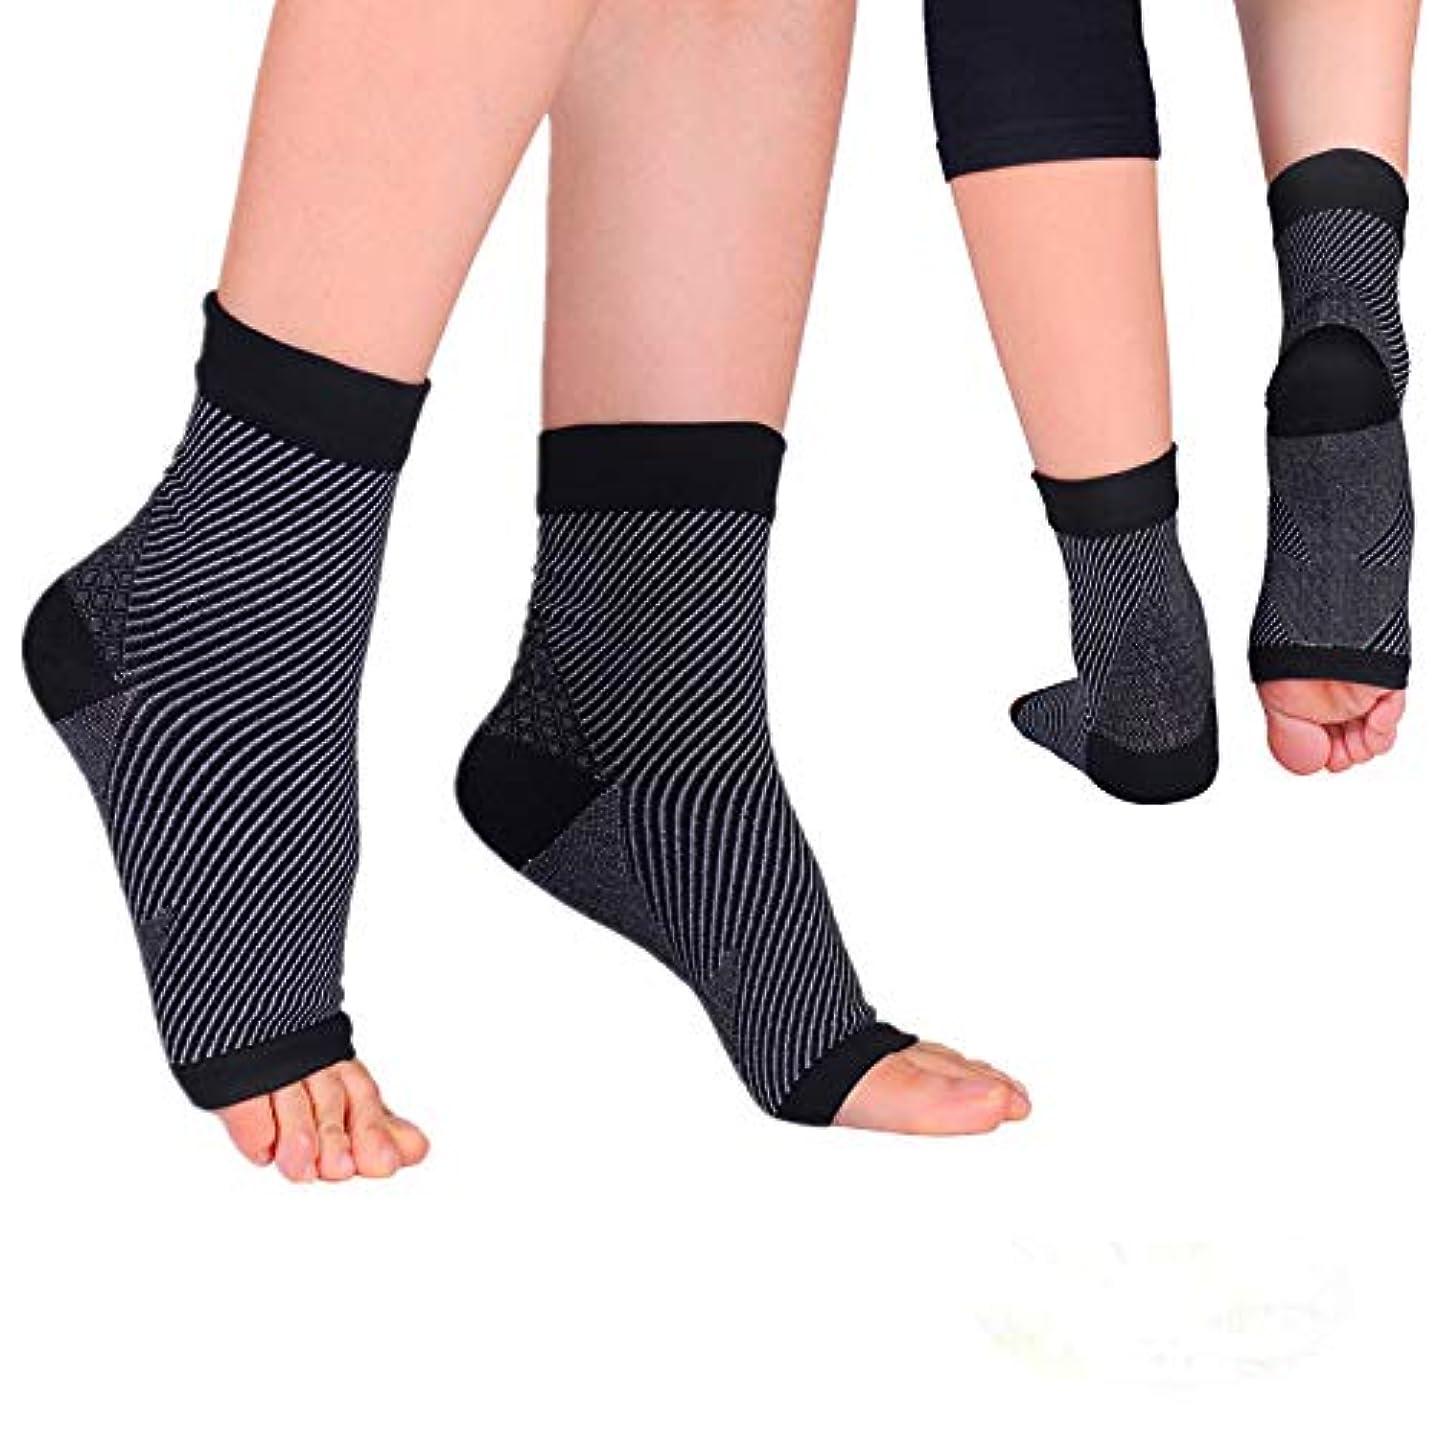 ロック解除フロー声を出して通気性足首ソックス 足 サポーター 足首固定足の腫れを軽減する-2枚組